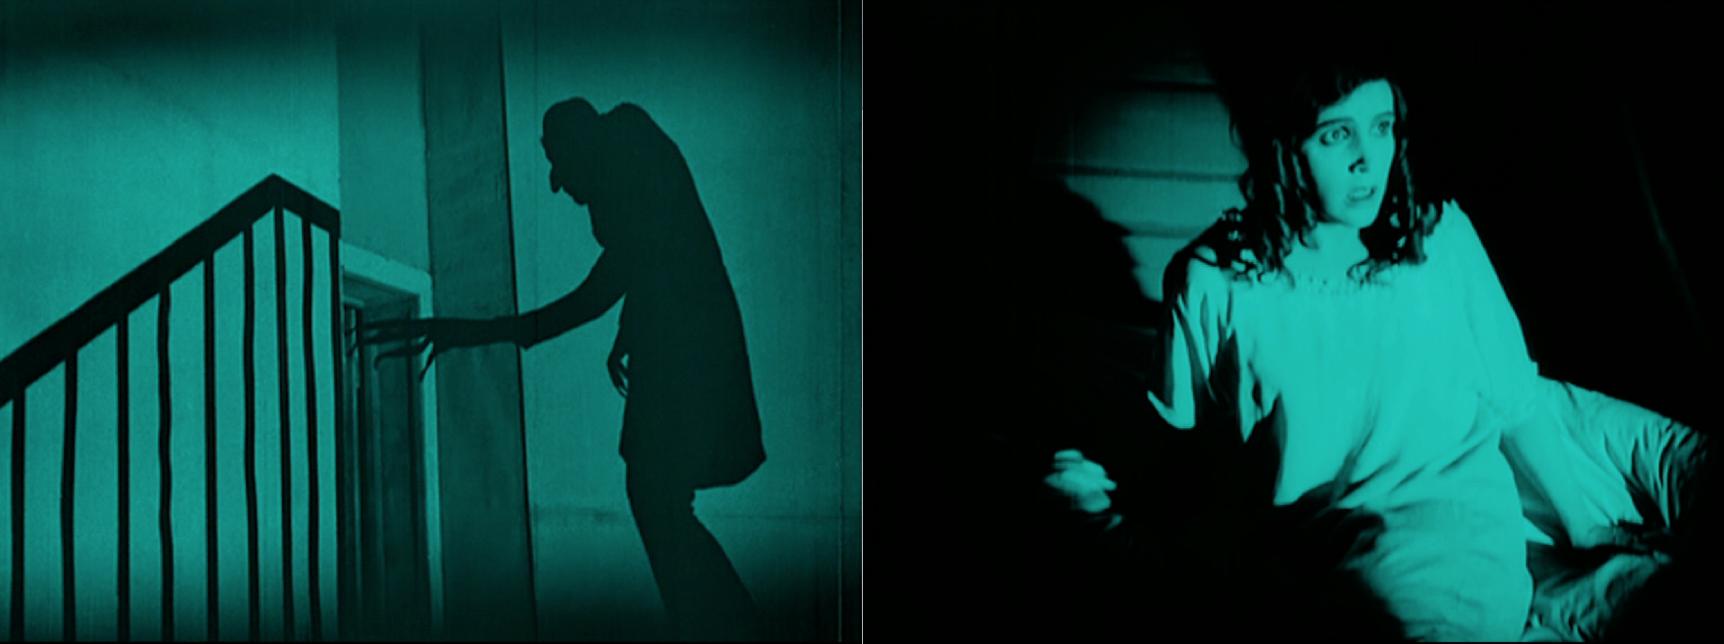 Nosferatu le vampire, de F. W. Murnau